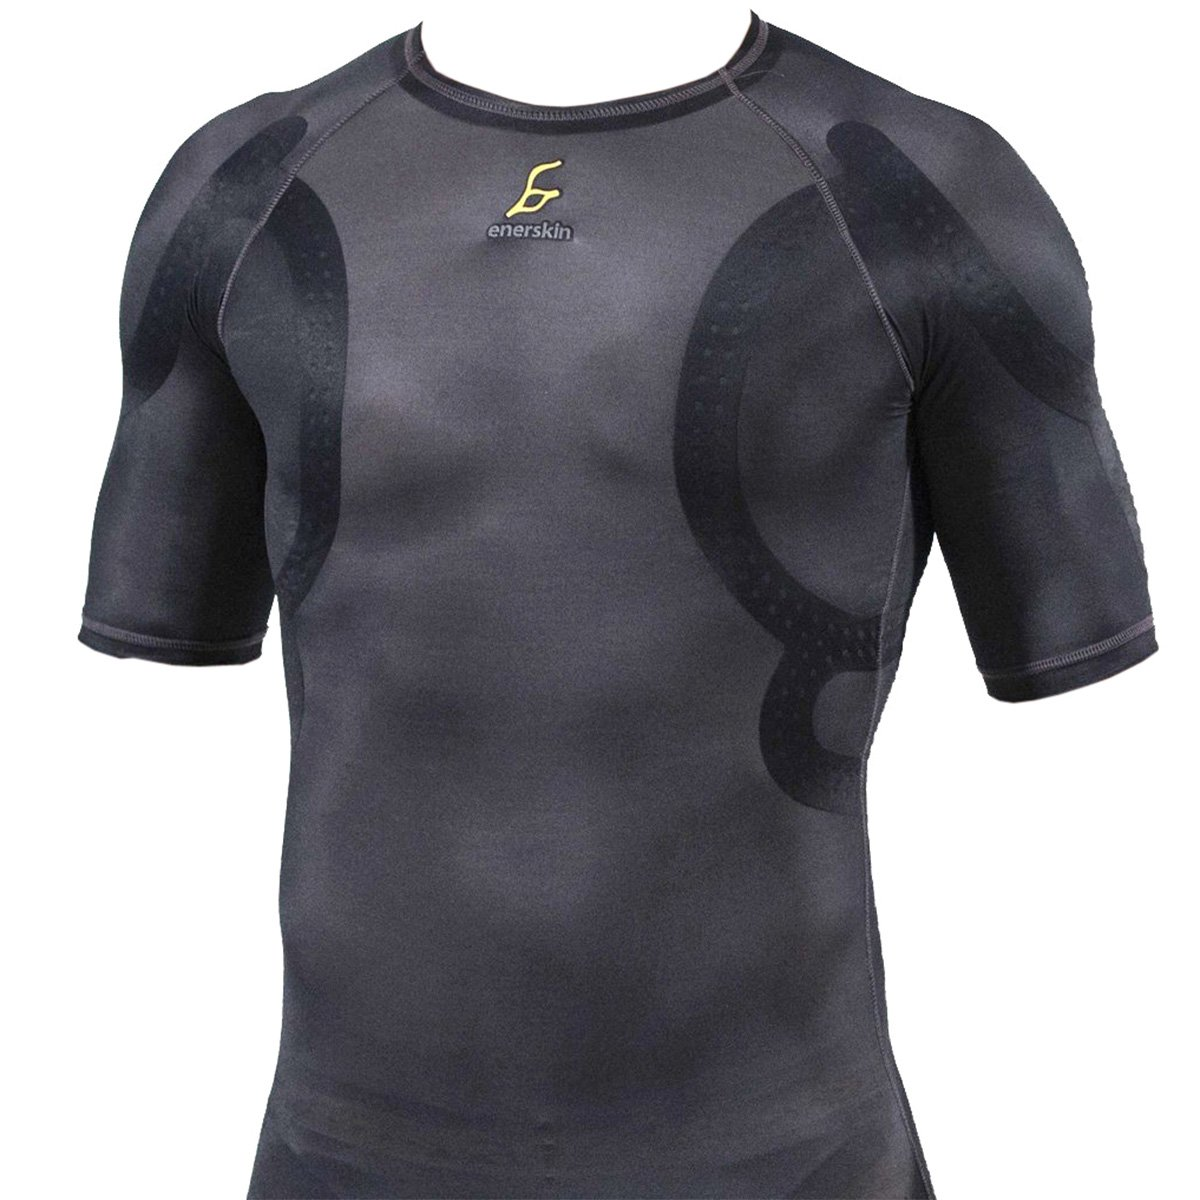 エナスキン(Enerskin) E70 メンズ ショートスリーブ 半袖タイプ 105サイズ EN01US05   B076FC48G6